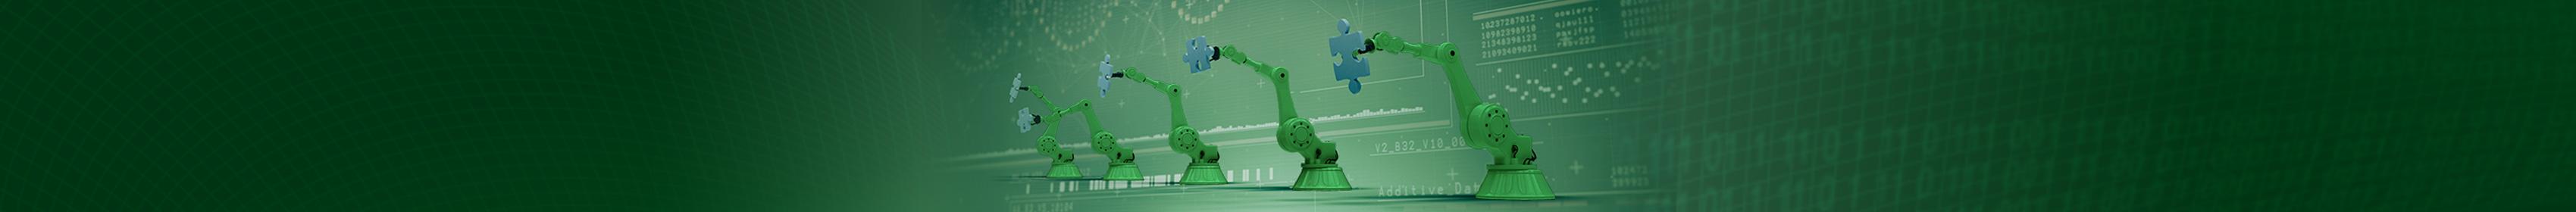 a_robot_puzzle